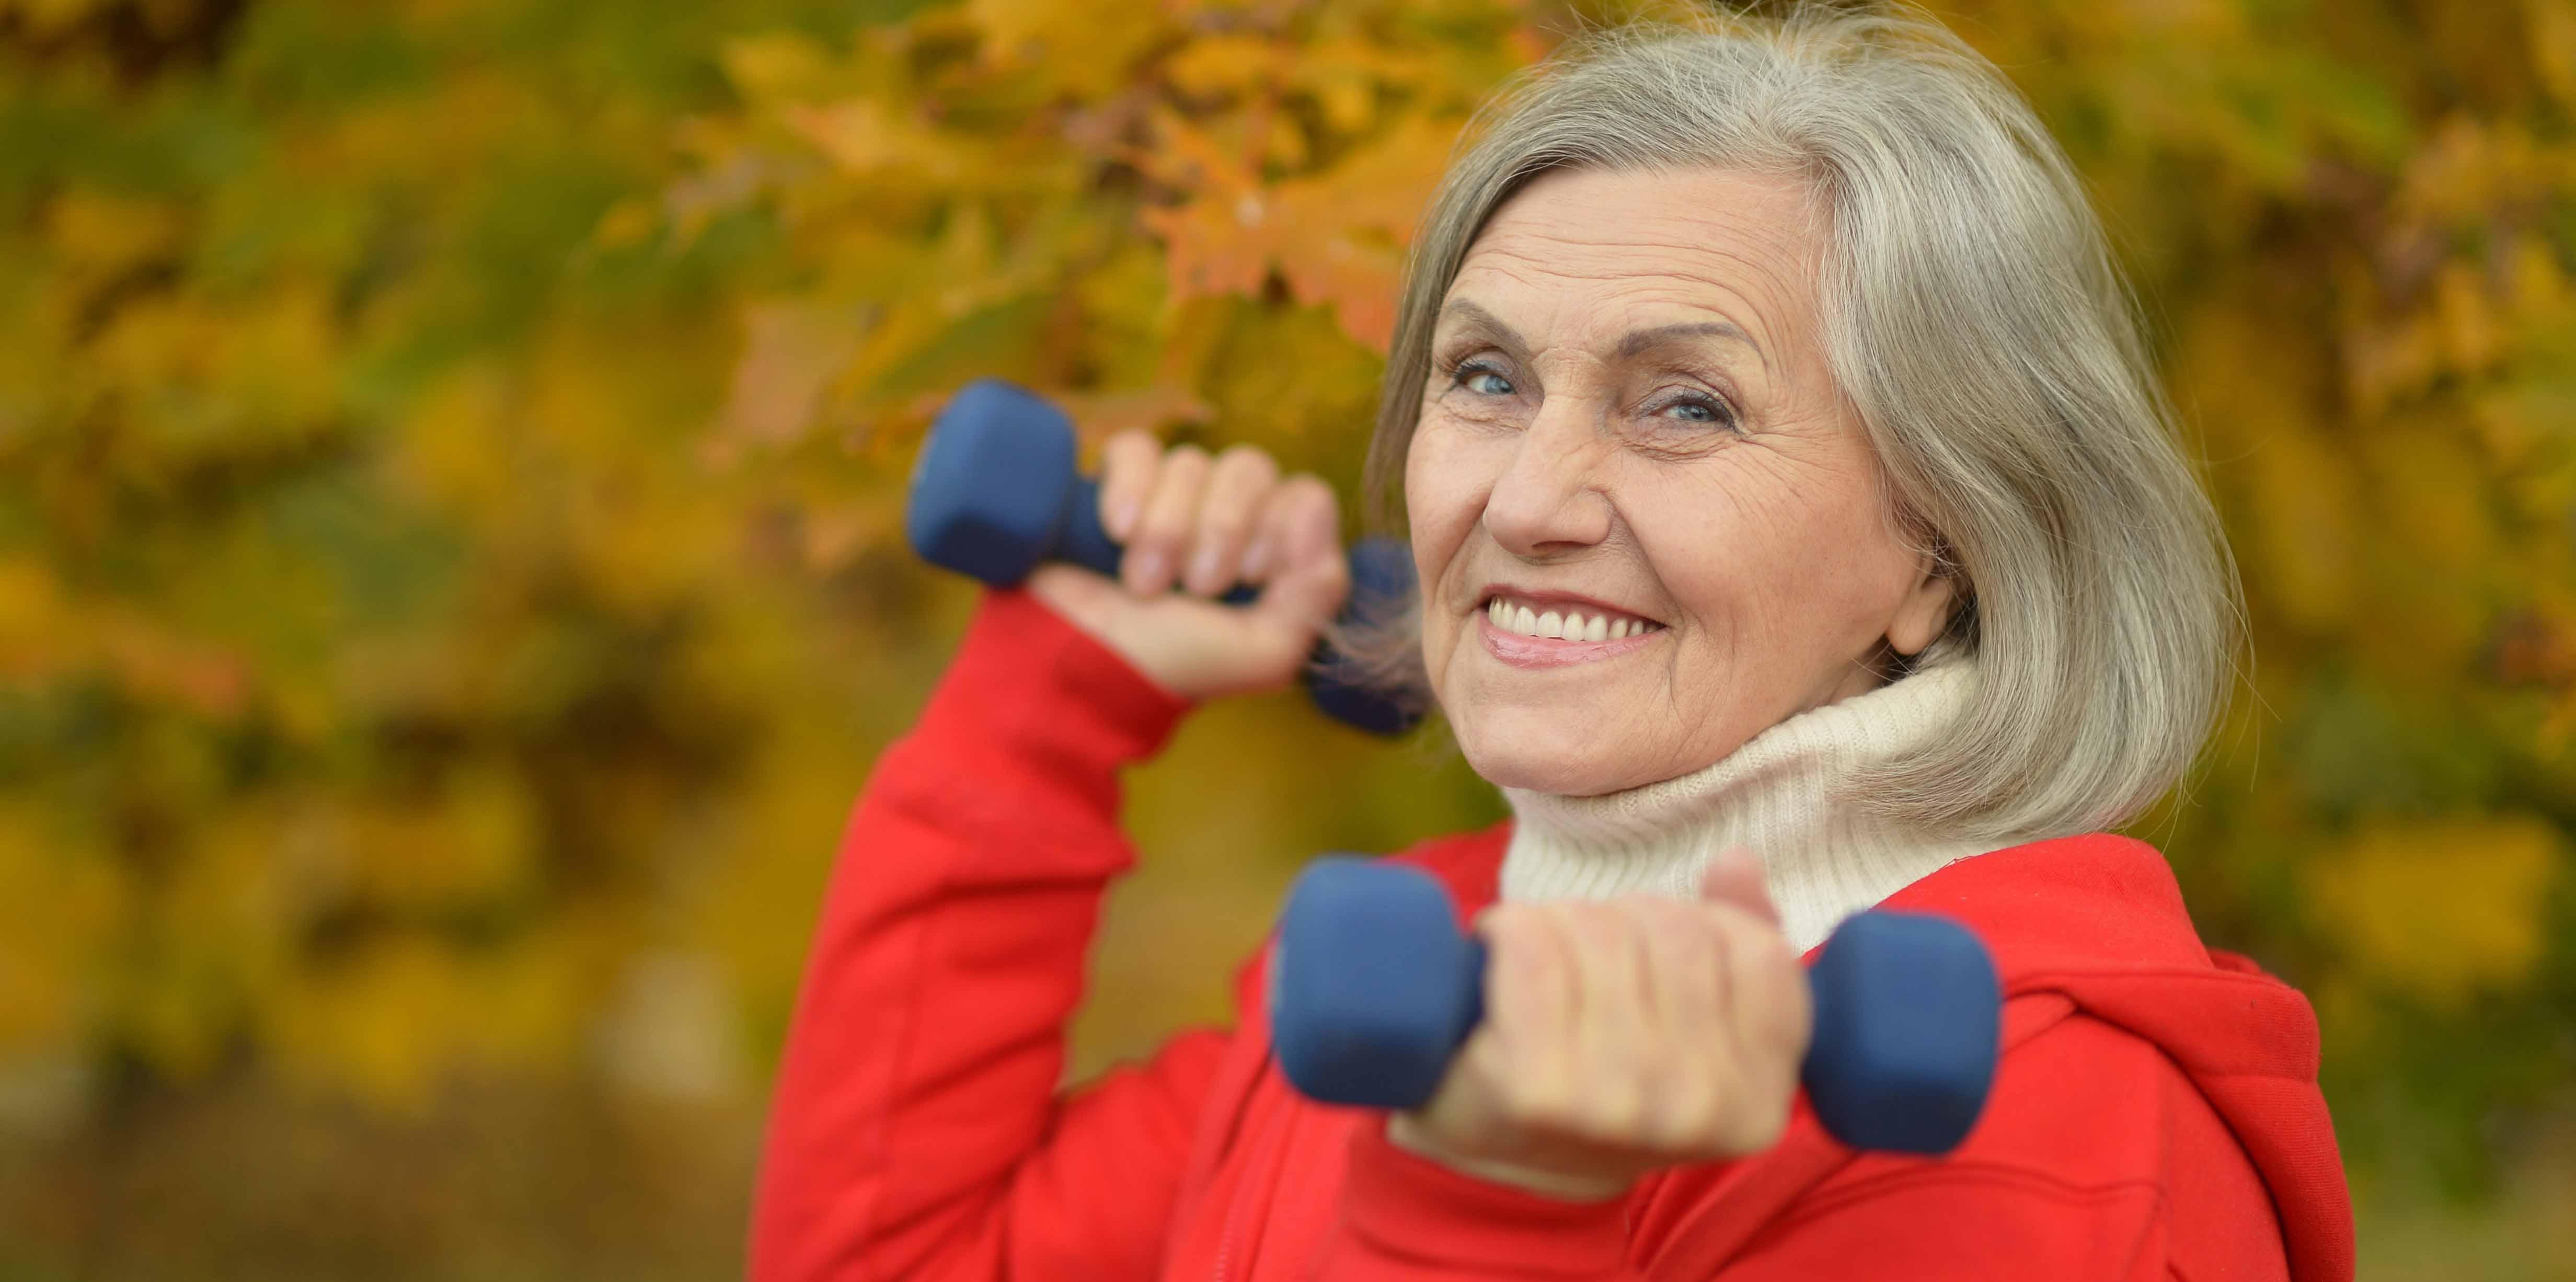 Transição para menopausa pede preparo físico